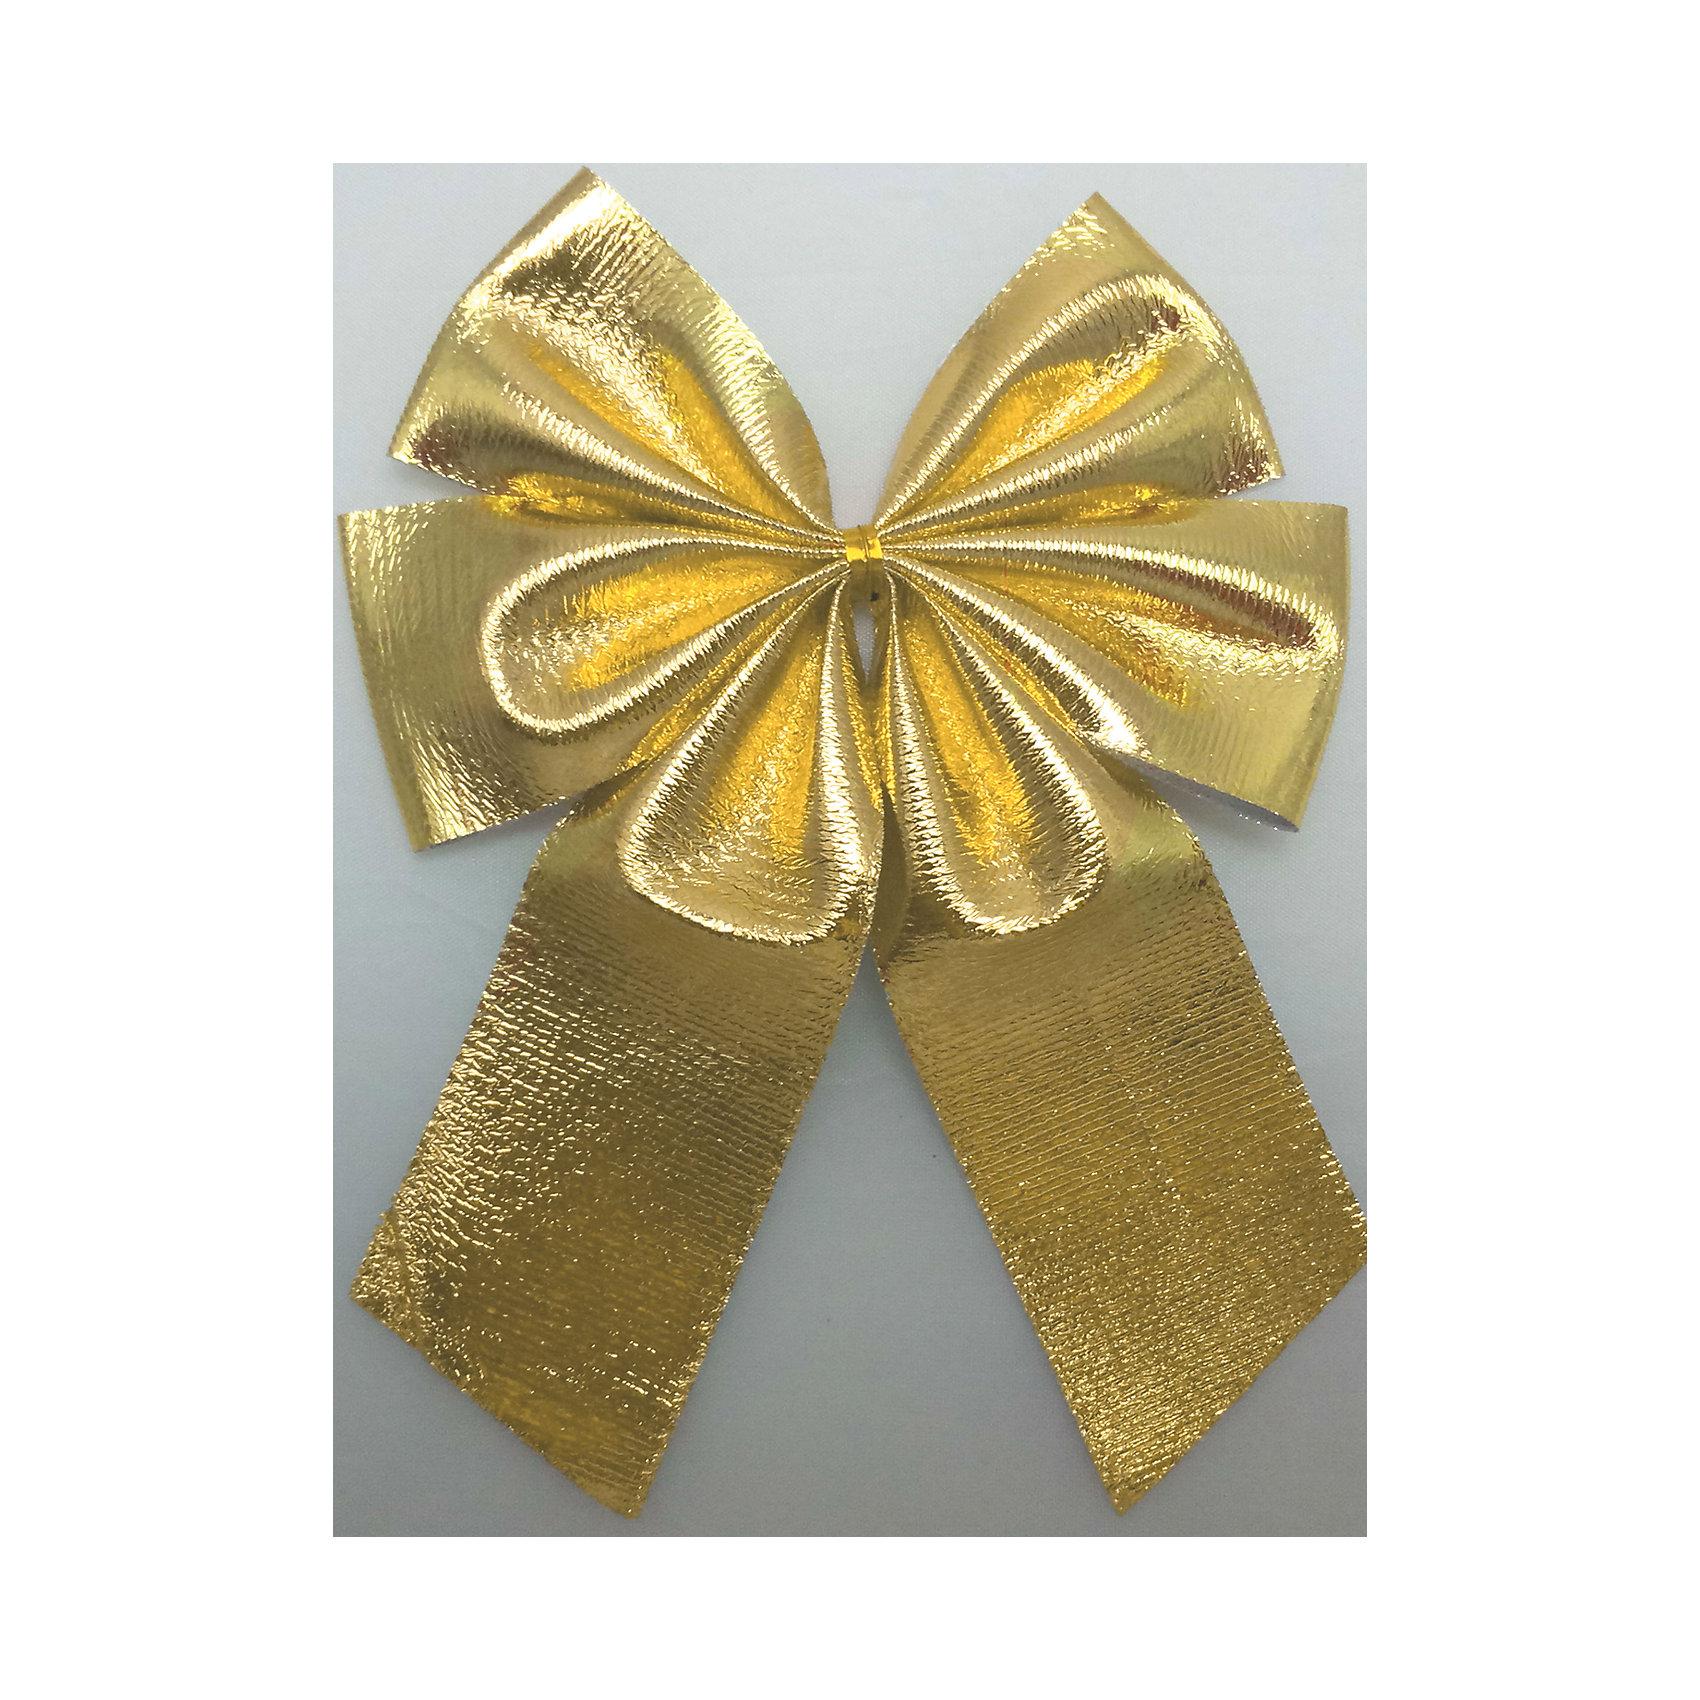 Набор Золотой бант 3 шт * 11 смБанты металлизированные золото 3 банта 11см арт.16053   Бант выполнен из нейлона и предназначен для оформления подарочных коробок, пакетов. Кроме того, декоративный бант прекрасно для оформления праздничной елки и интерьера.<br><br>Ширина мм: 290<br>Глубина мм: 170<br>Высота мм: 10<br>Вес г: 60<br>Возраст от месяцев: 72<br>Возраст до месяцев: 480<br>Пол: Унисекс<br>Возраст: Детский<br>SKU: 5051627